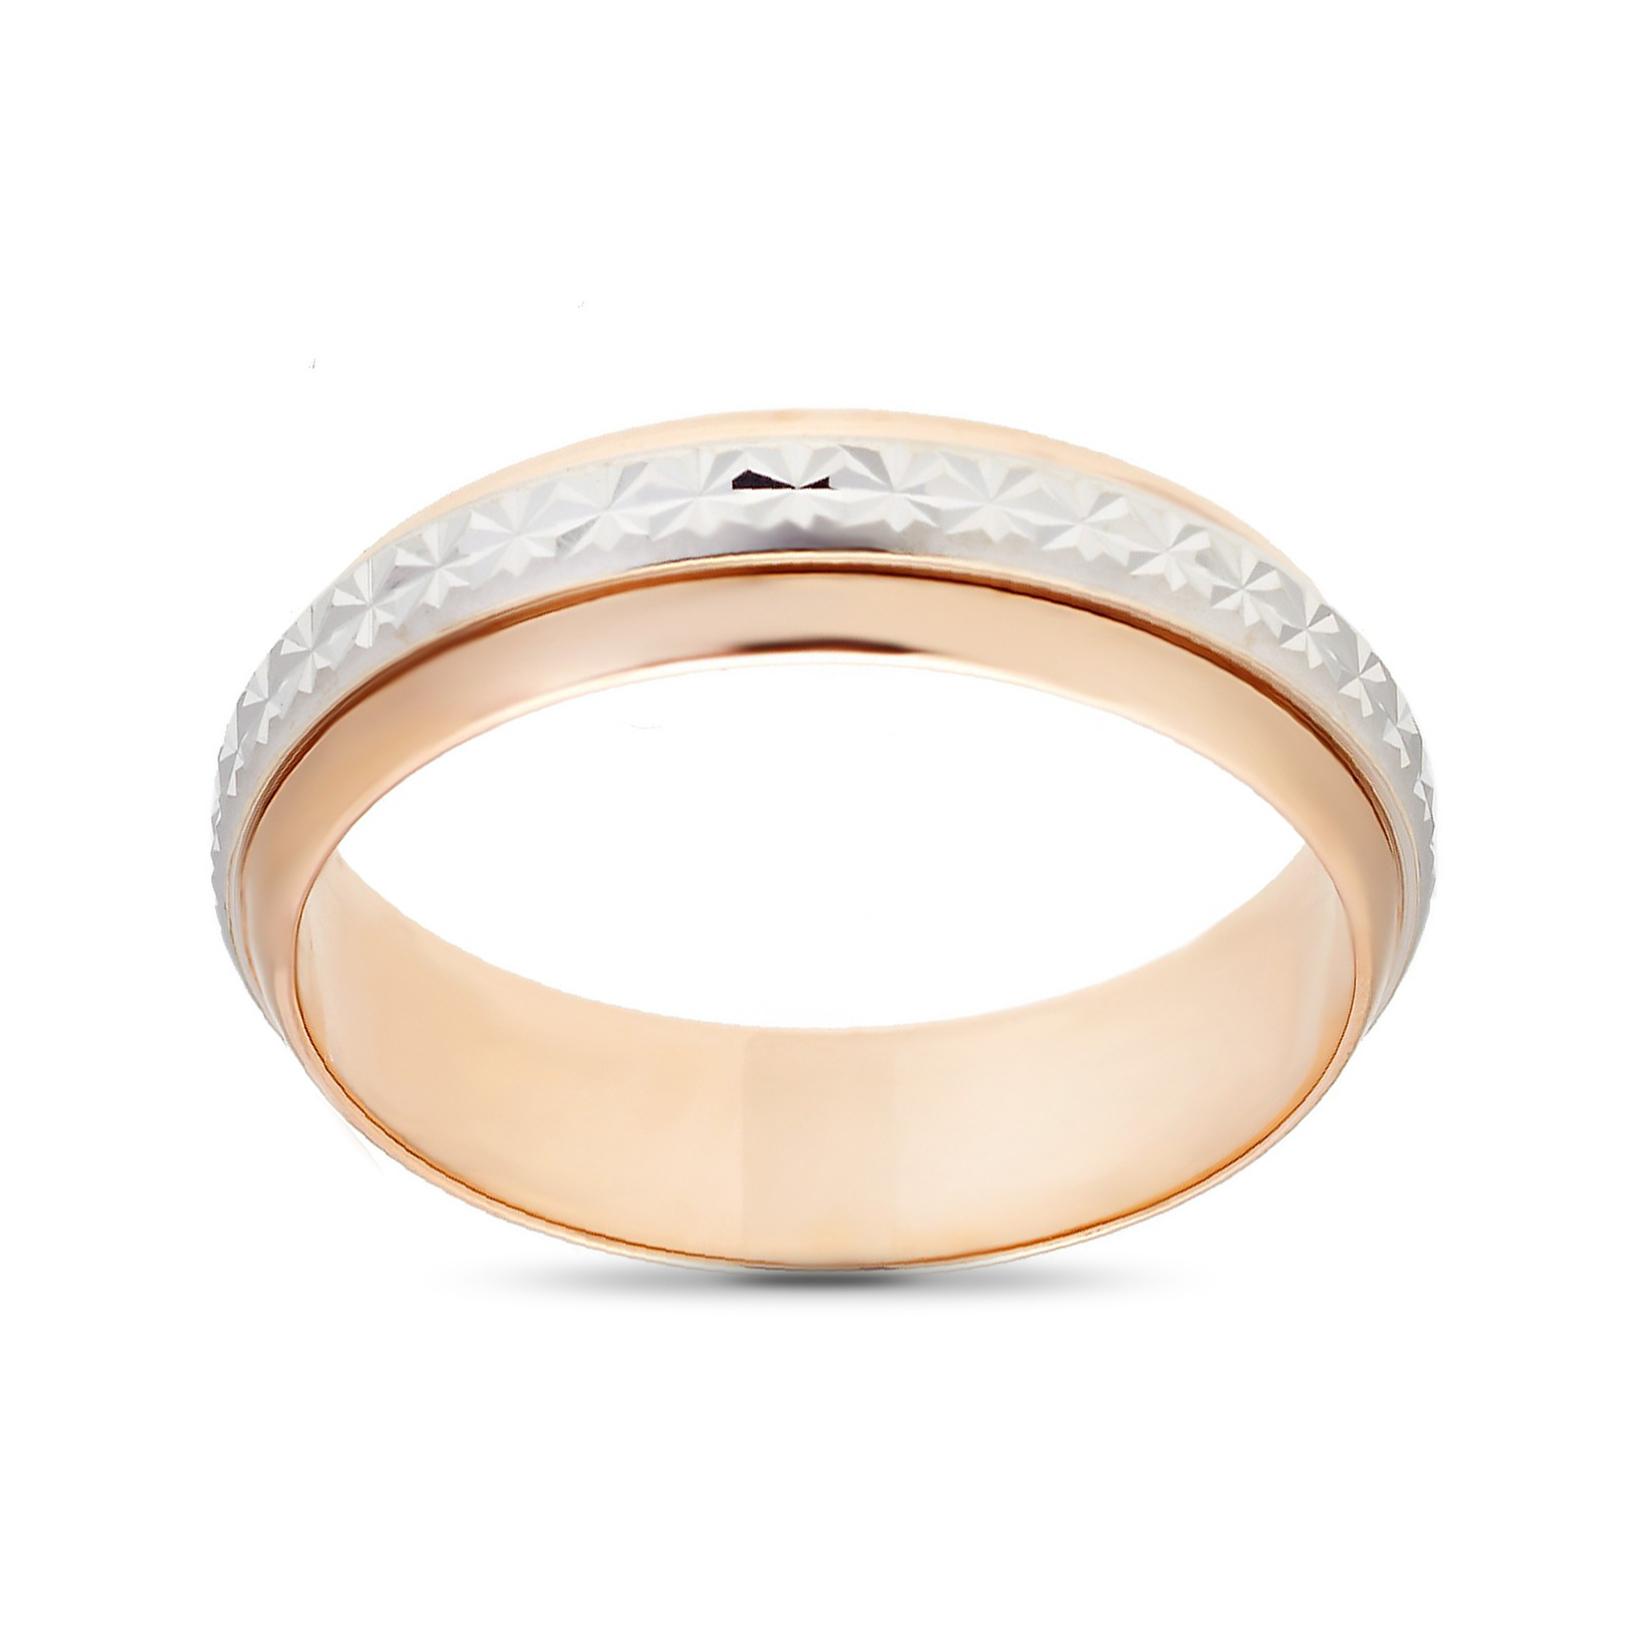 Кольцо обручальное с вращающейся вставкой из золота, 5 мм